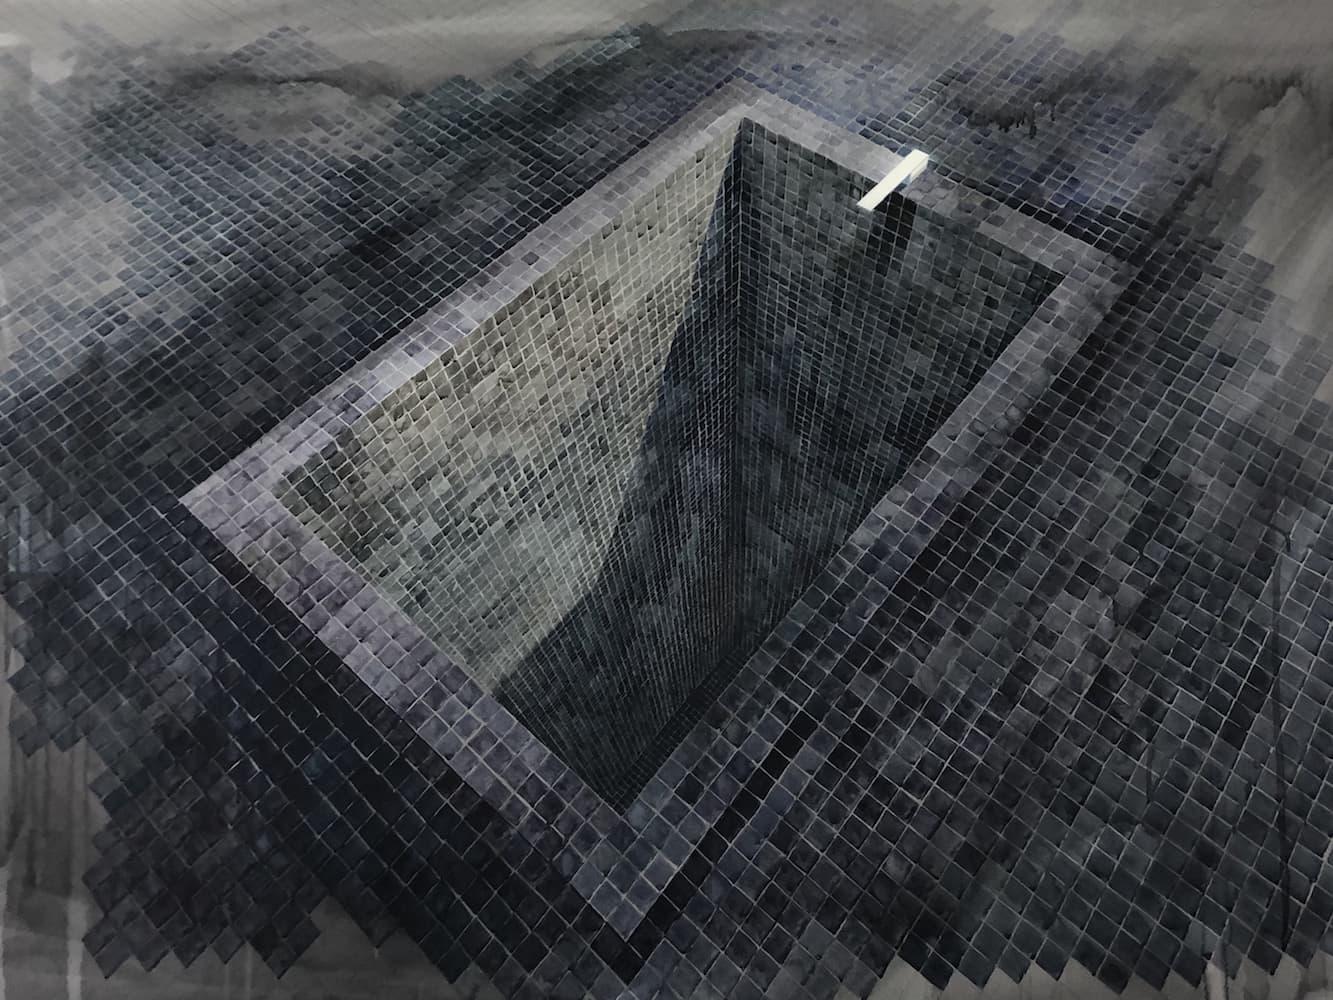 Black Empty Pool II - Acuarela sobre cartulina 188cm x 130cm 2019